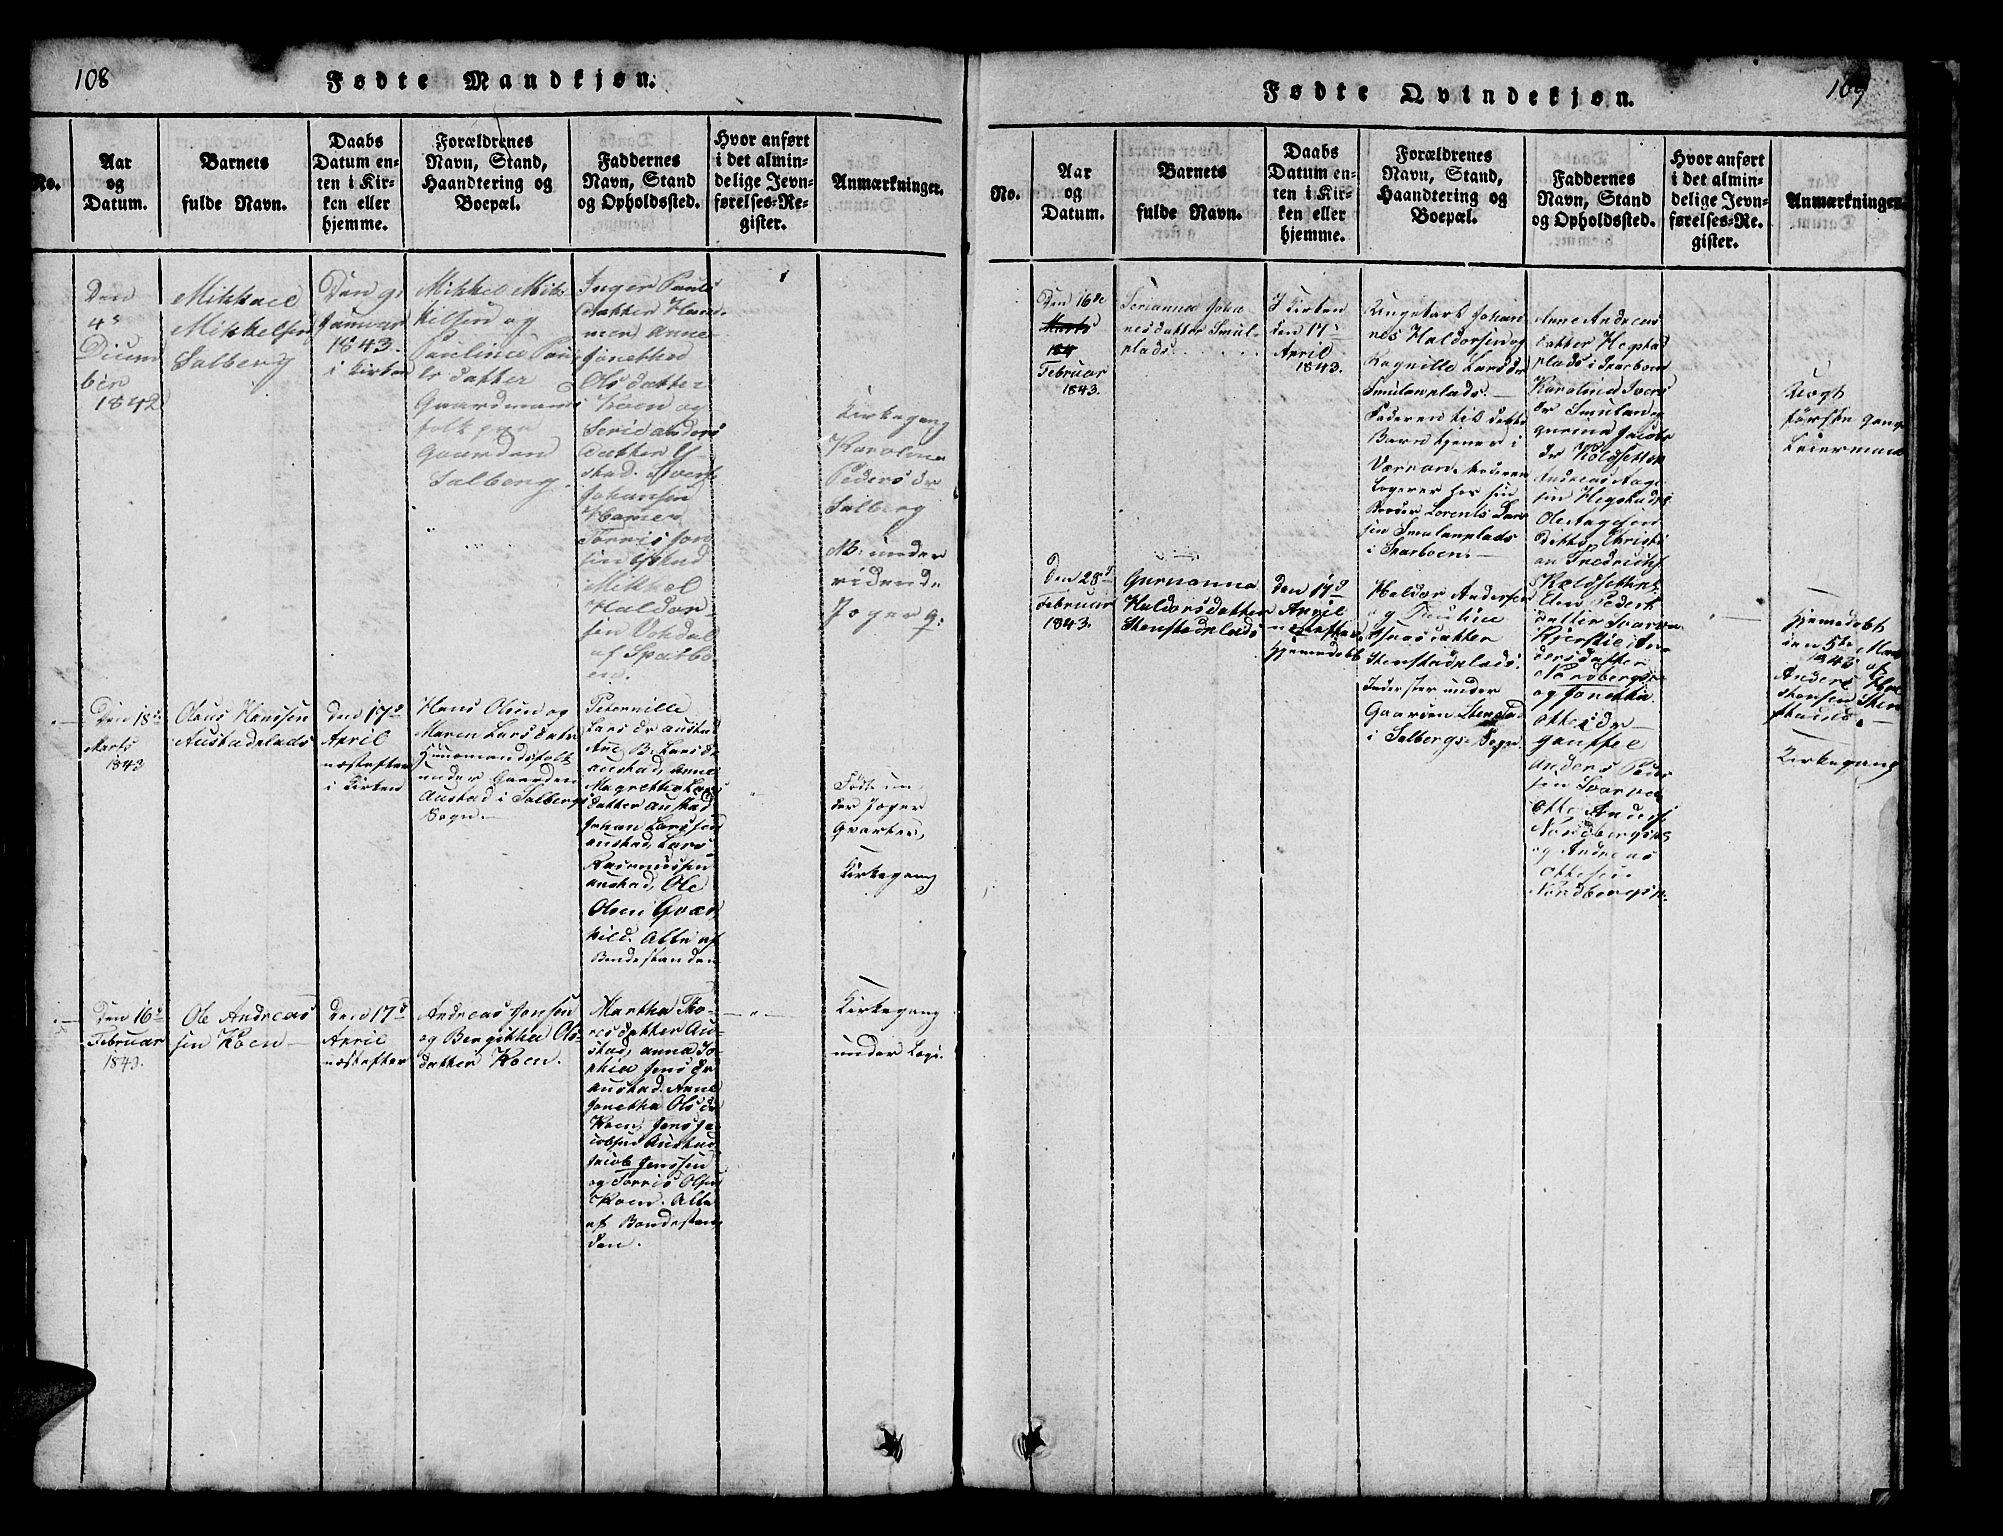 SAT, Ministerialprotokoller, klokkerbøker og fødselsregistre - Nord-Trøndelag, 731/L0310: Klokkerbok nr. 731C01, 1816-1874, s. 108-109